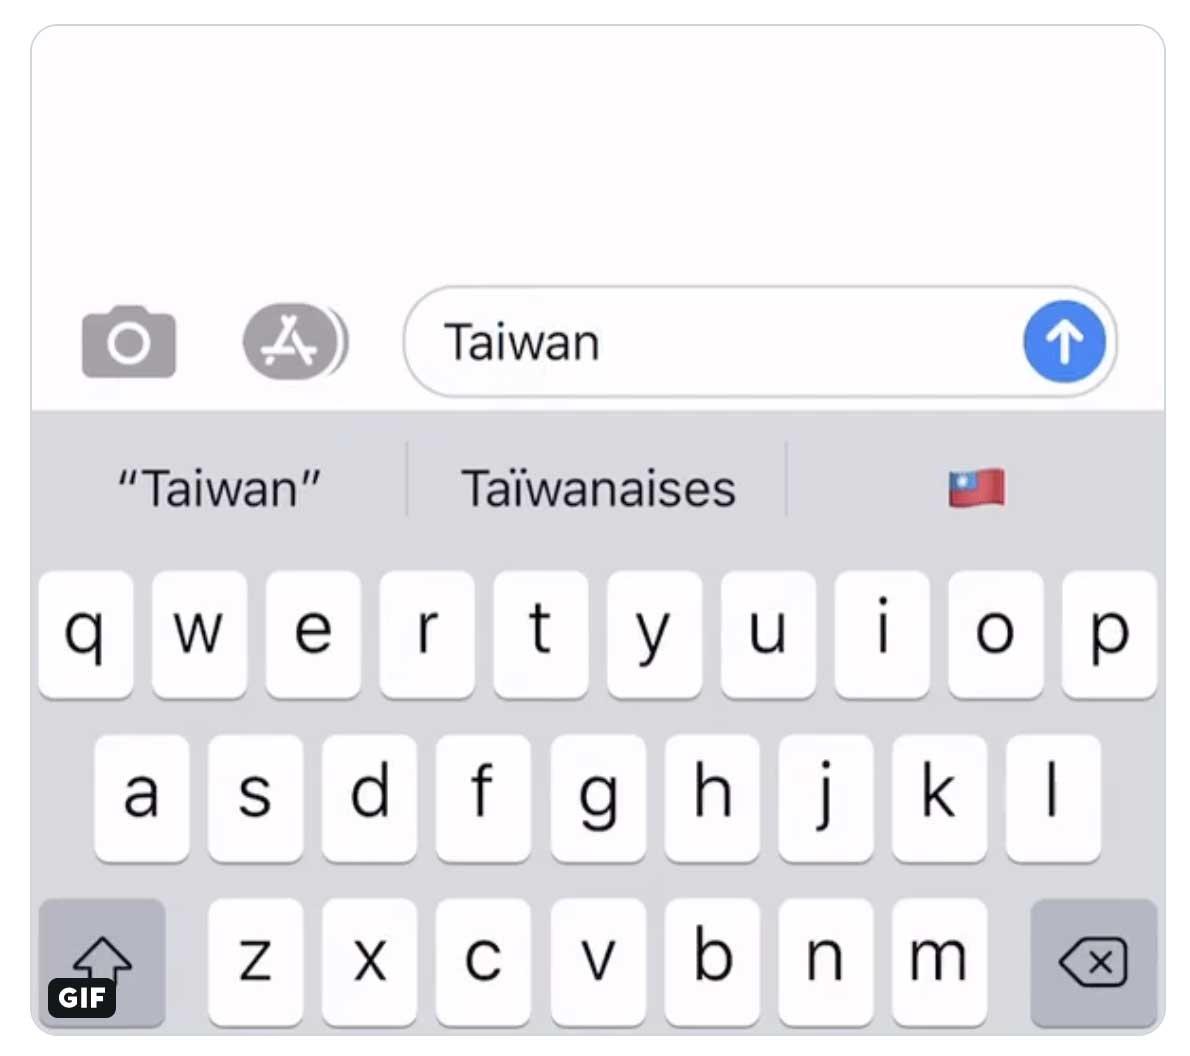 港澳看不見台灣國旗!升級 iOS 13.1.1 和macOS 10.15 馬上隱藏